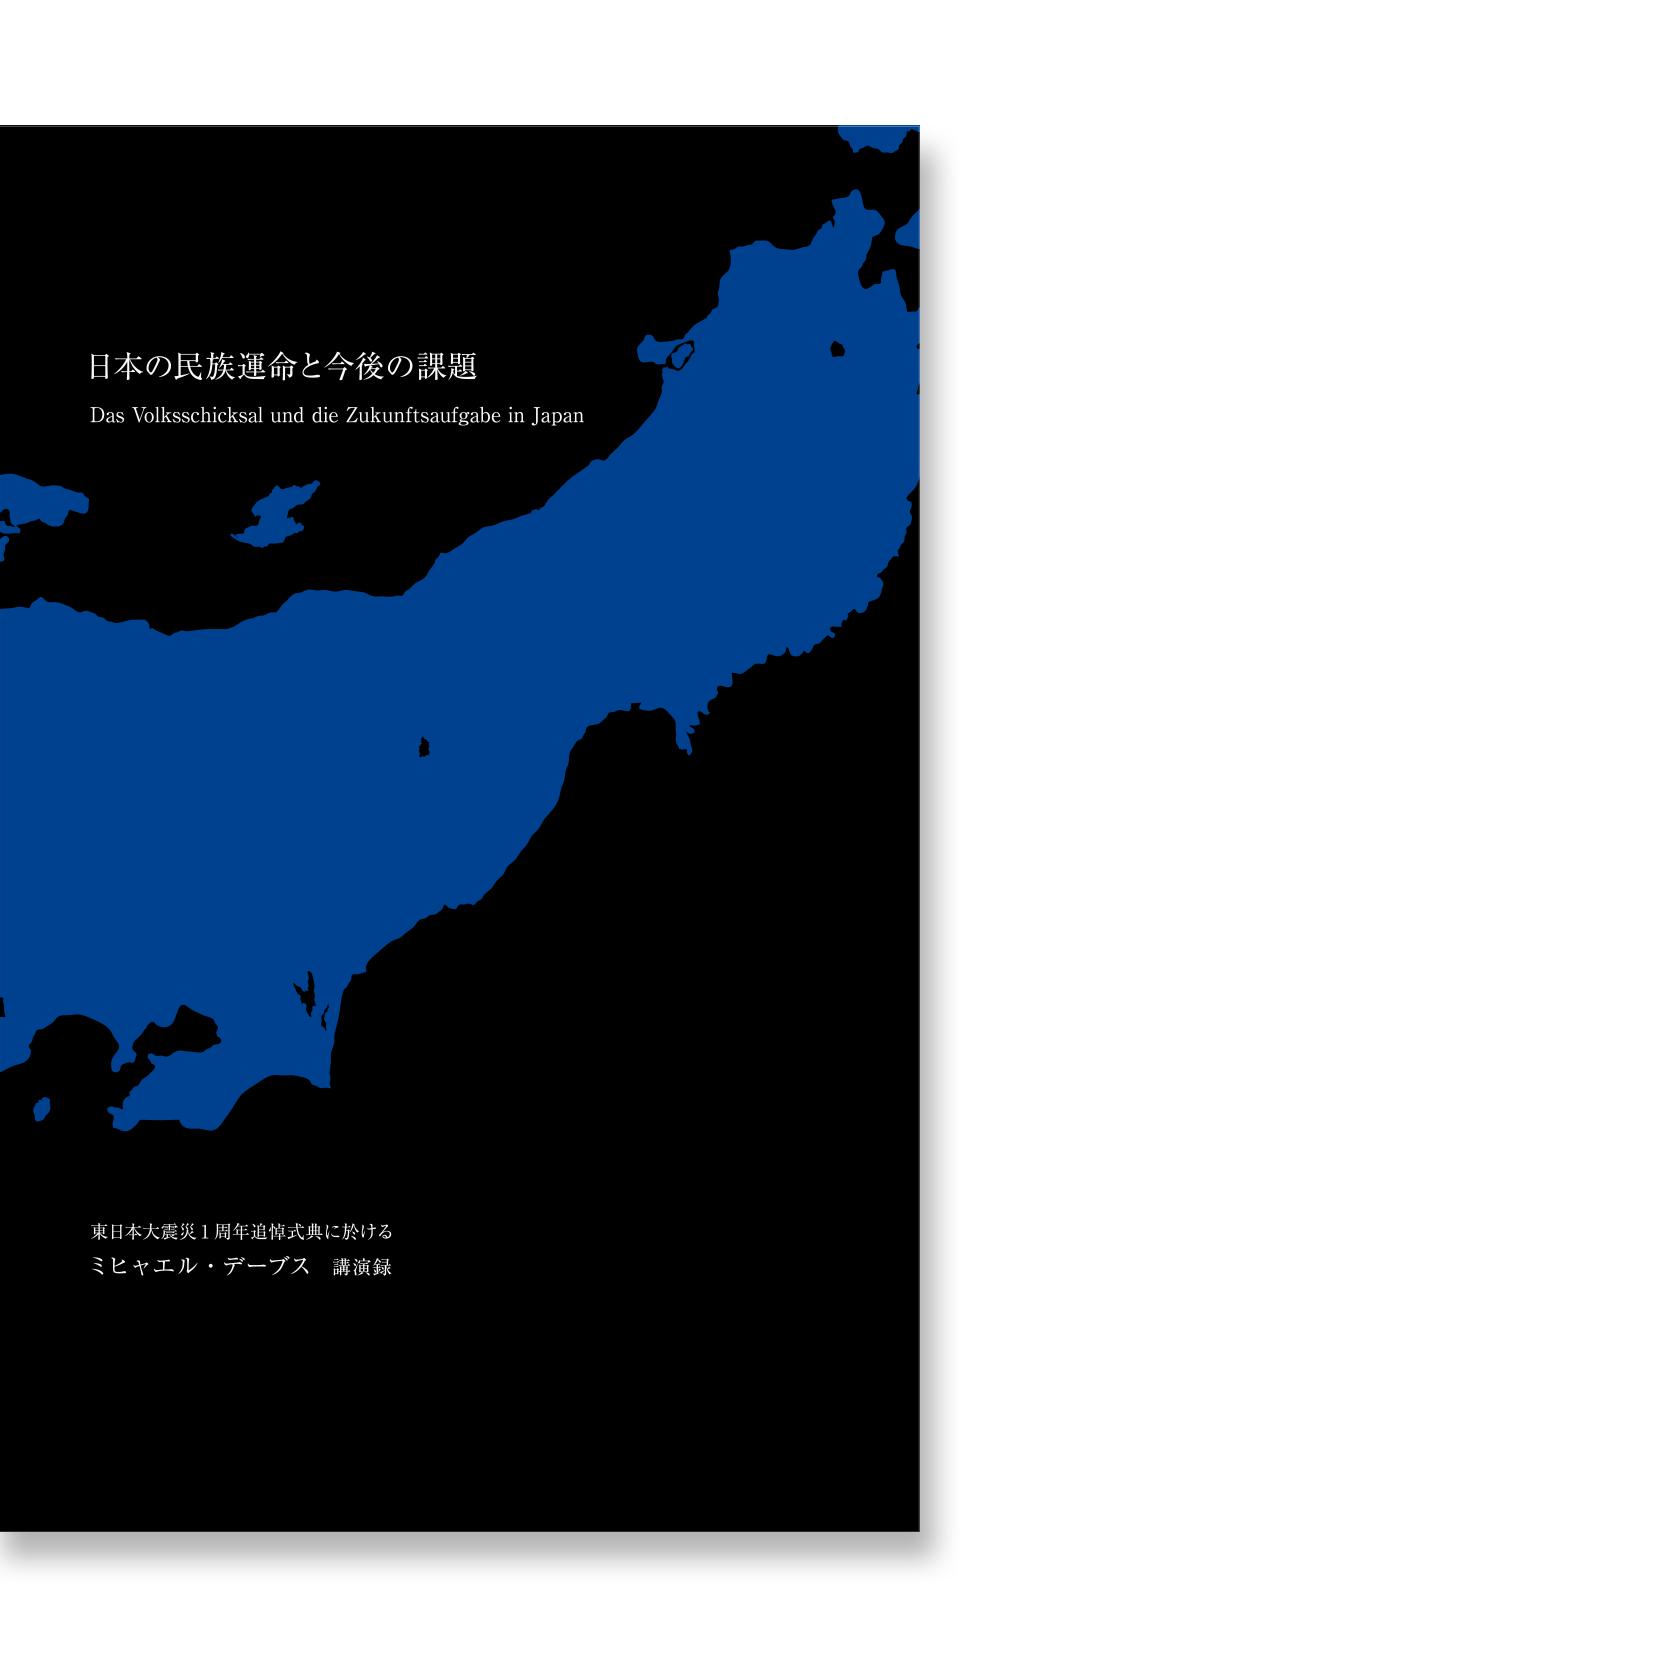 日本の民族運命と今後の課題